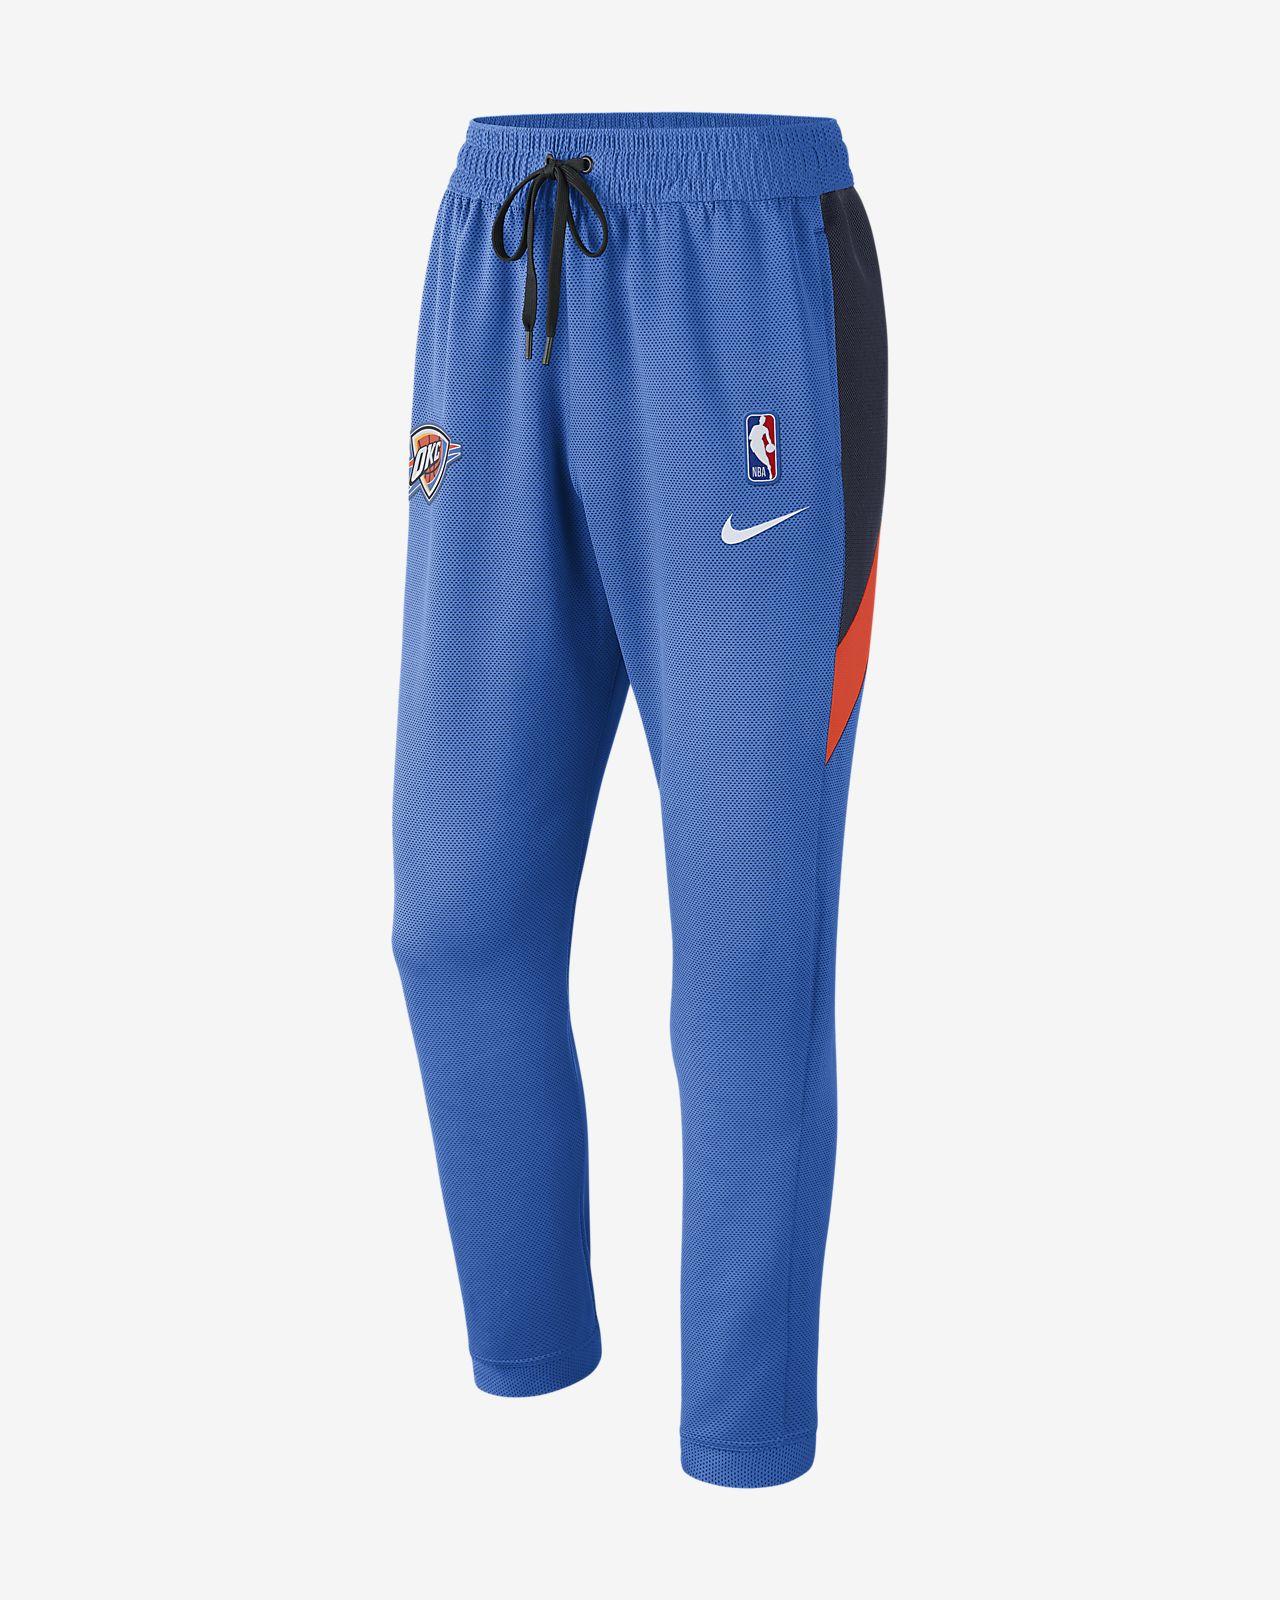 Spodnie męskie NBA Oklahoma City Thunder Nike Therma Flex Showtime